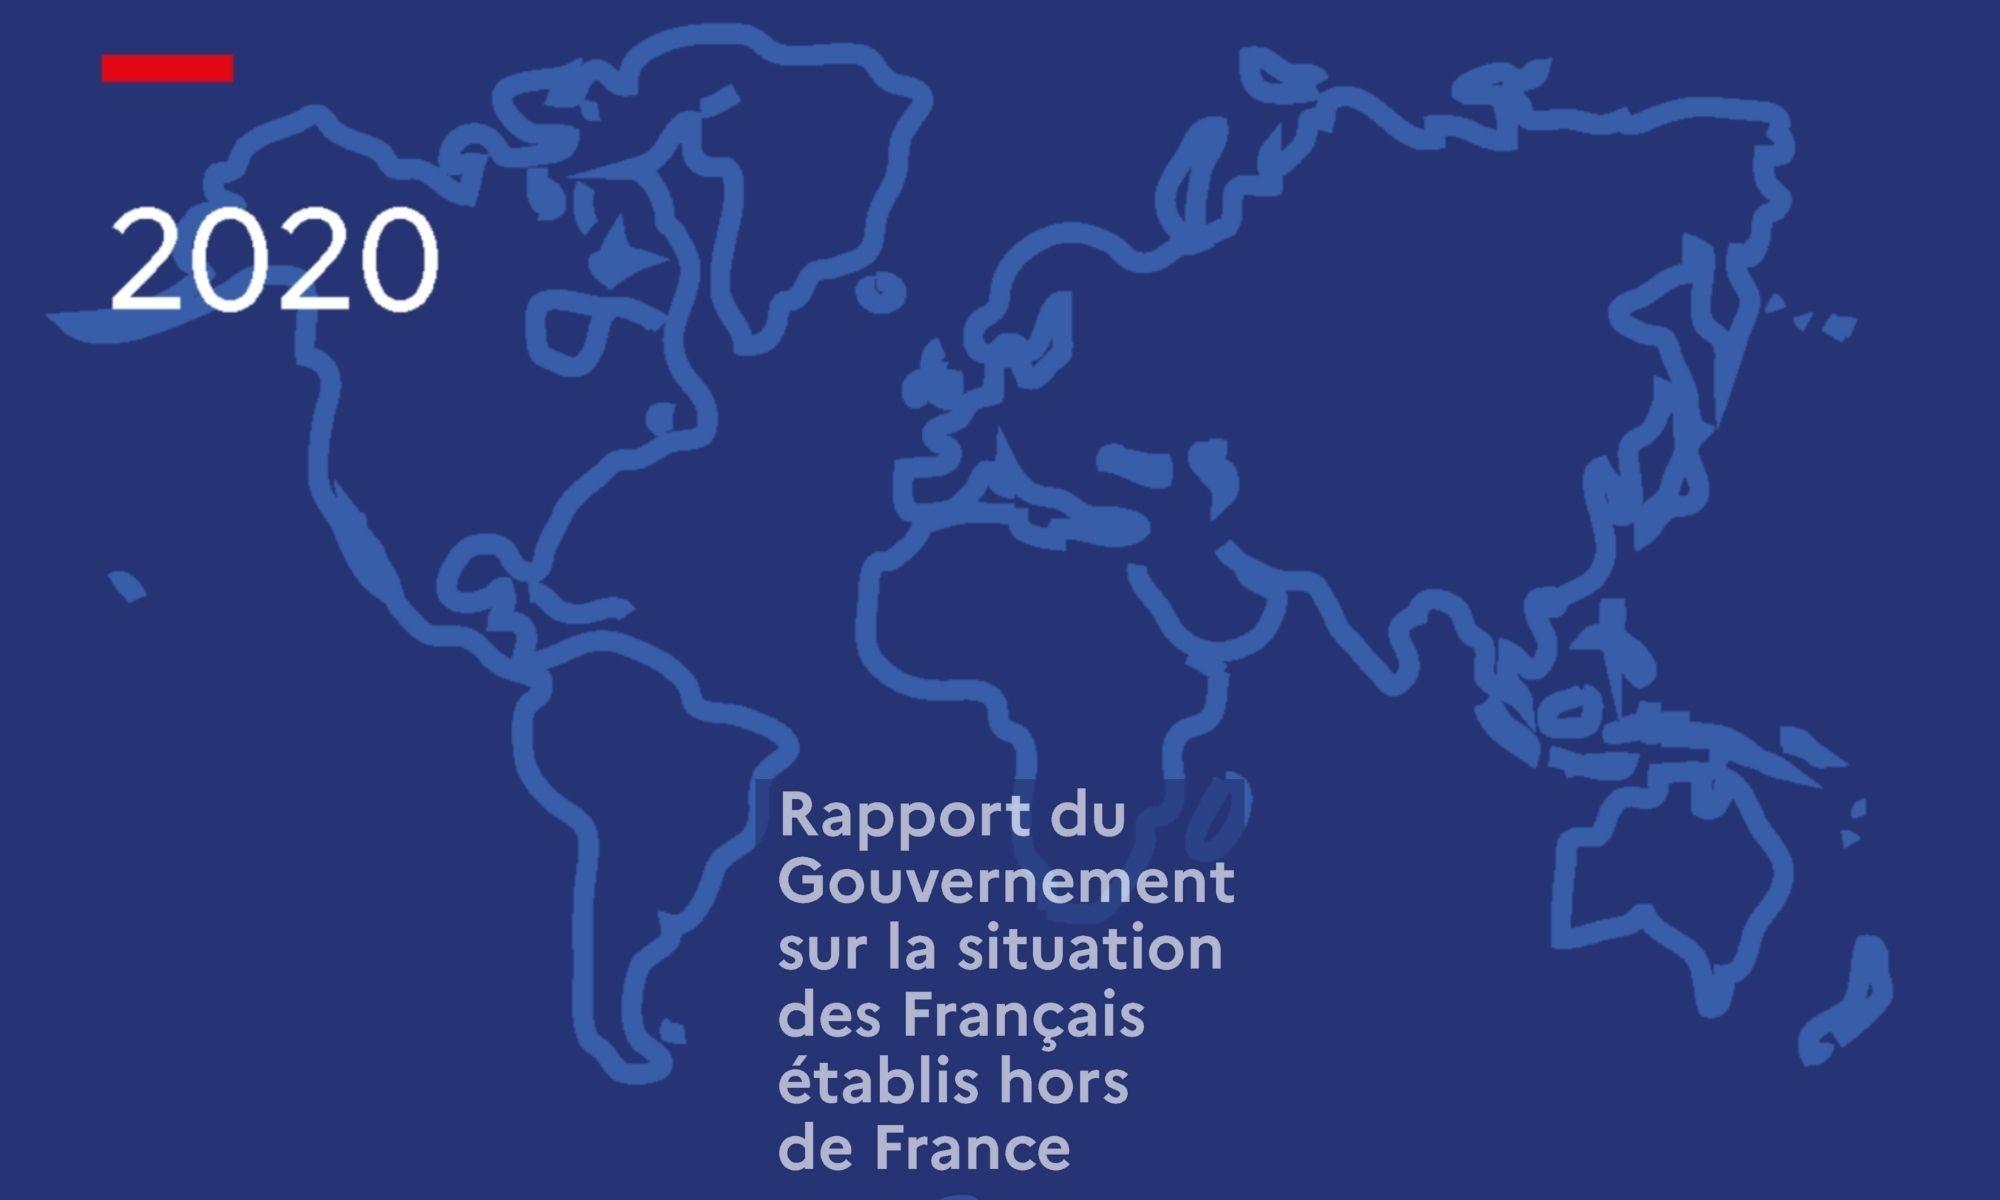 rapport du gouvernement sur la situation des Français établis hors de France (2020)